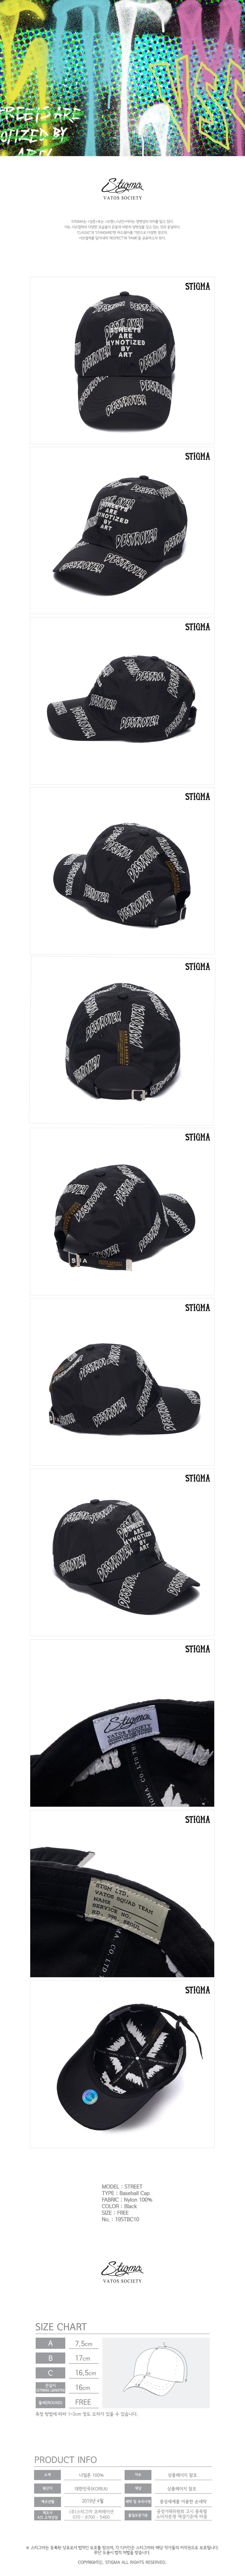 스티그마 STIGMA STREET BASEBALL CAP BLACK